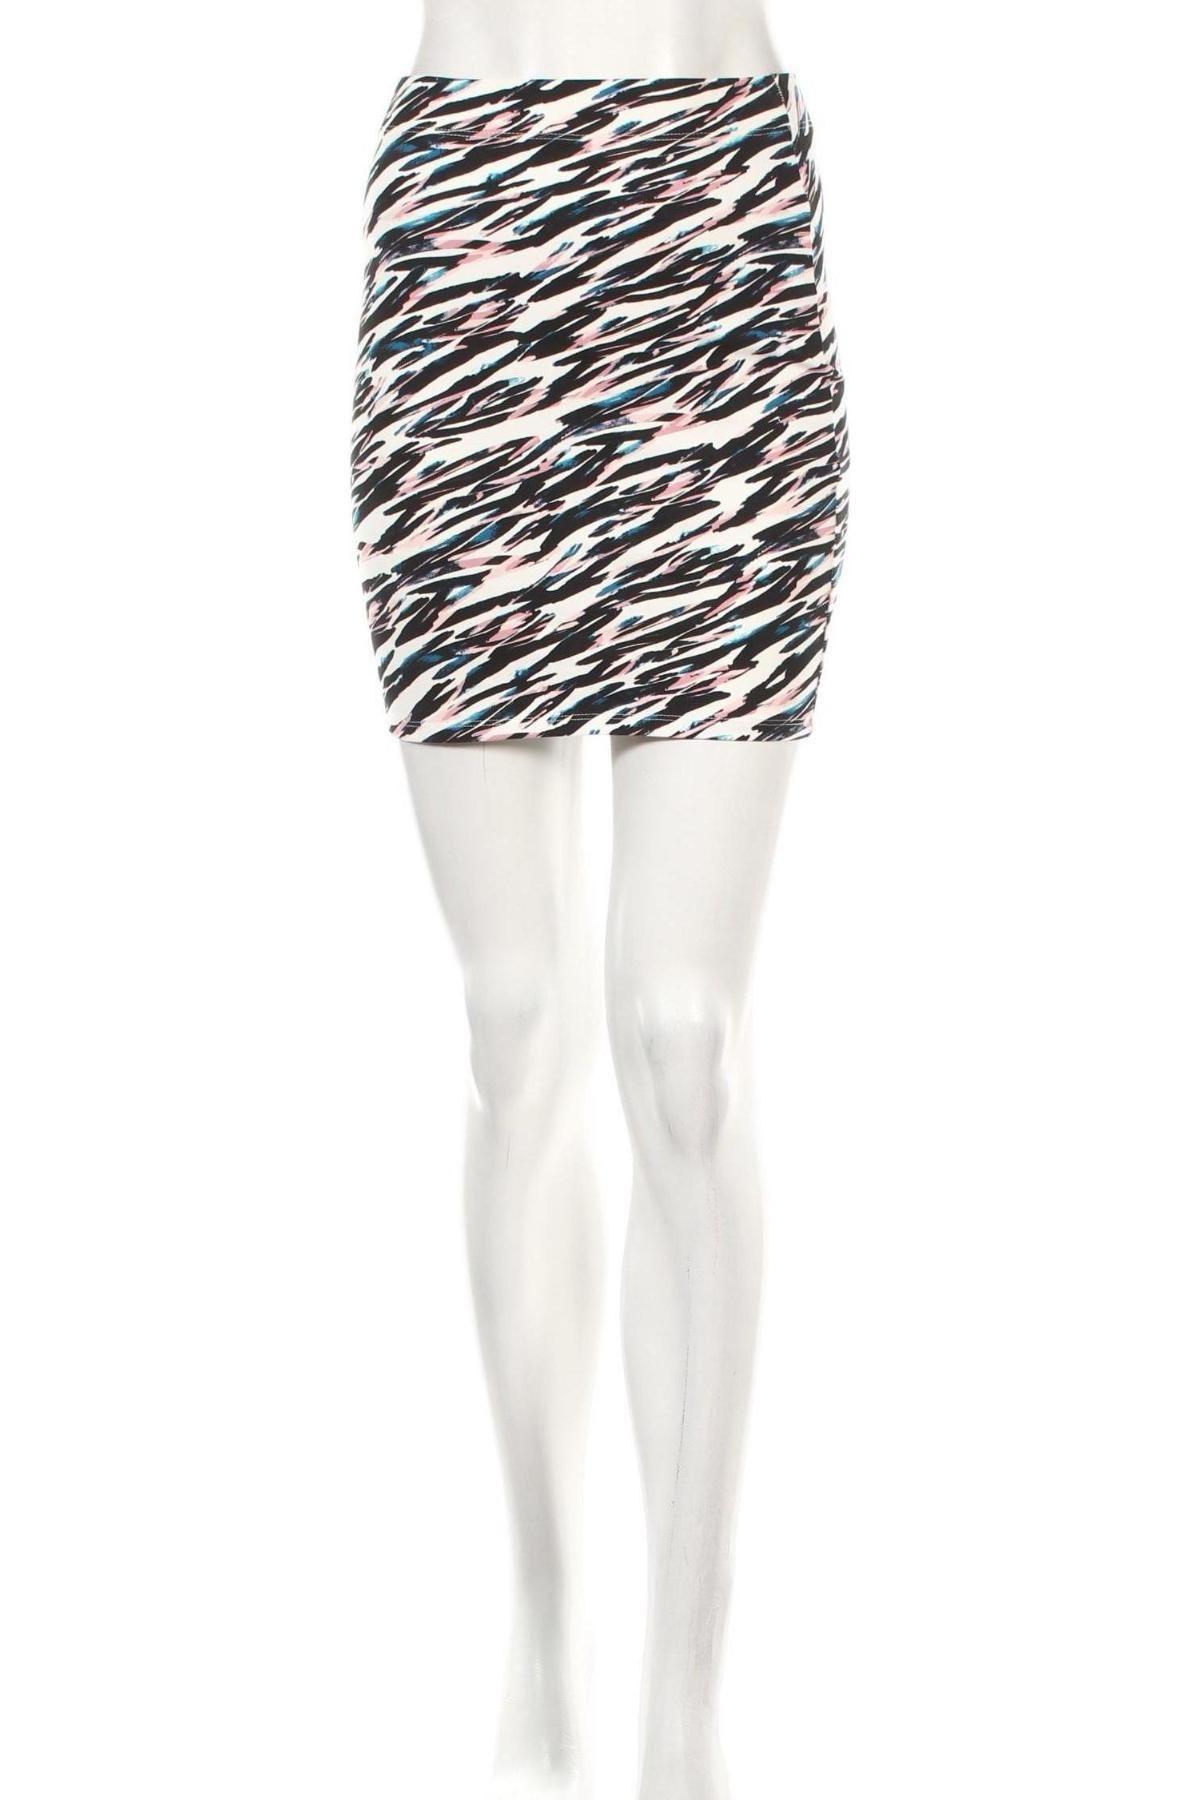 Φούστα Clockhouse, Μέγεθος XS, Χρώμα Πολύχρωμο, 95% βαμβάκι, 5% ελαστάνη, Τιμή 3,79€